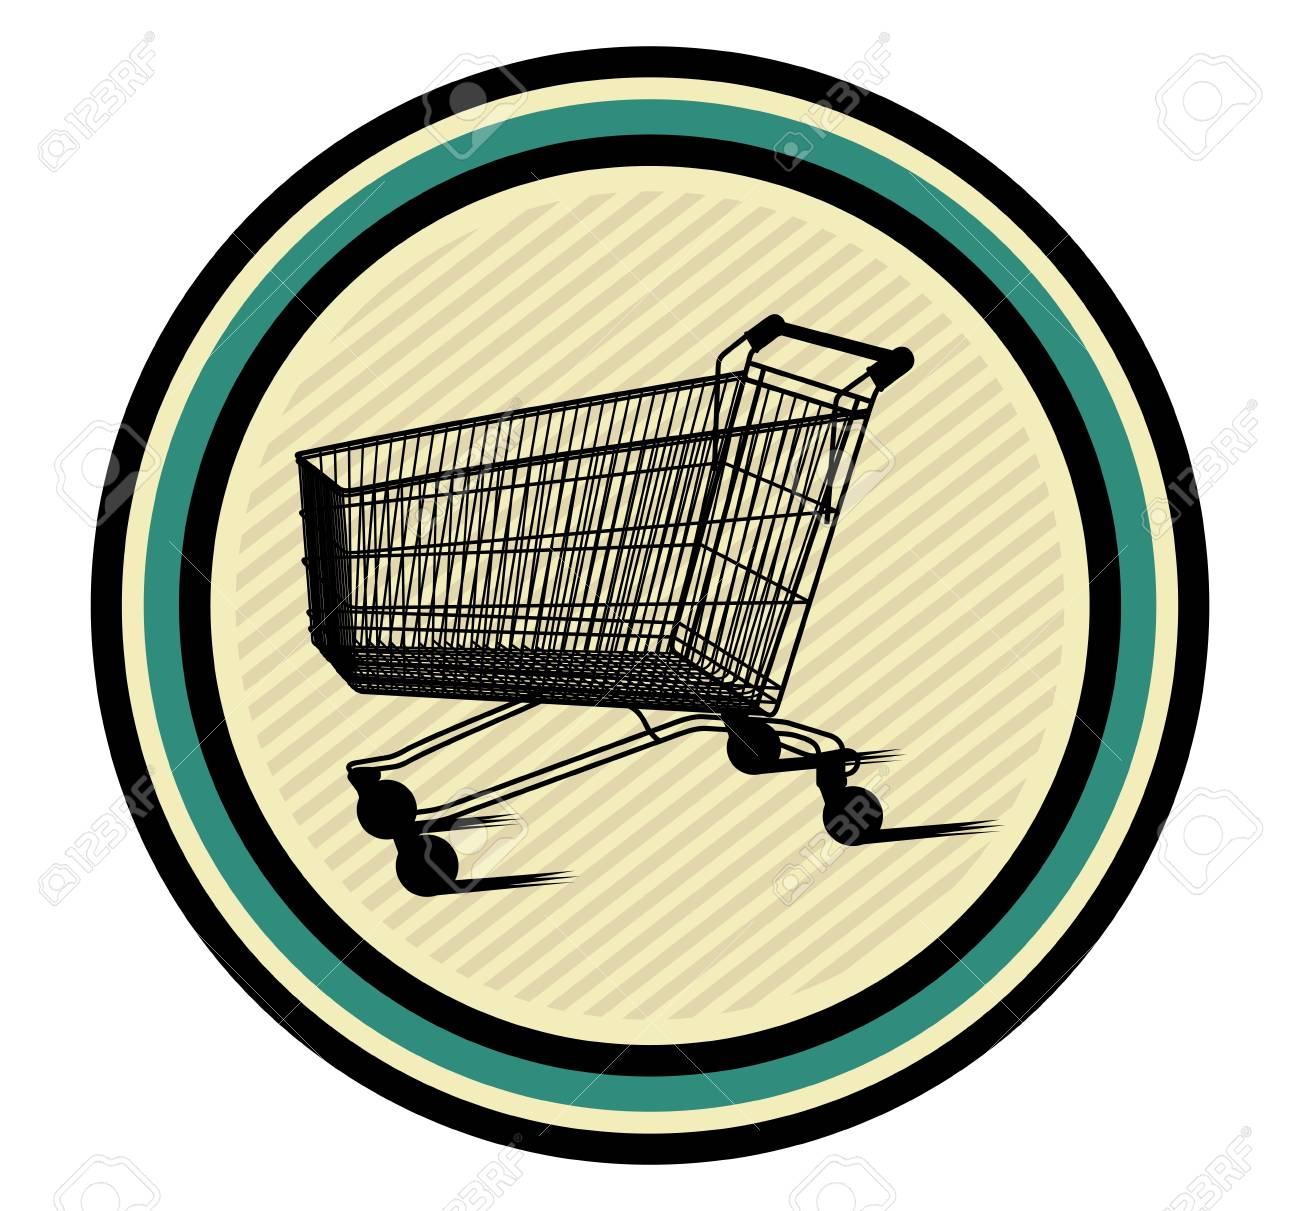 shopping cart icon Stock Vector - 18502282